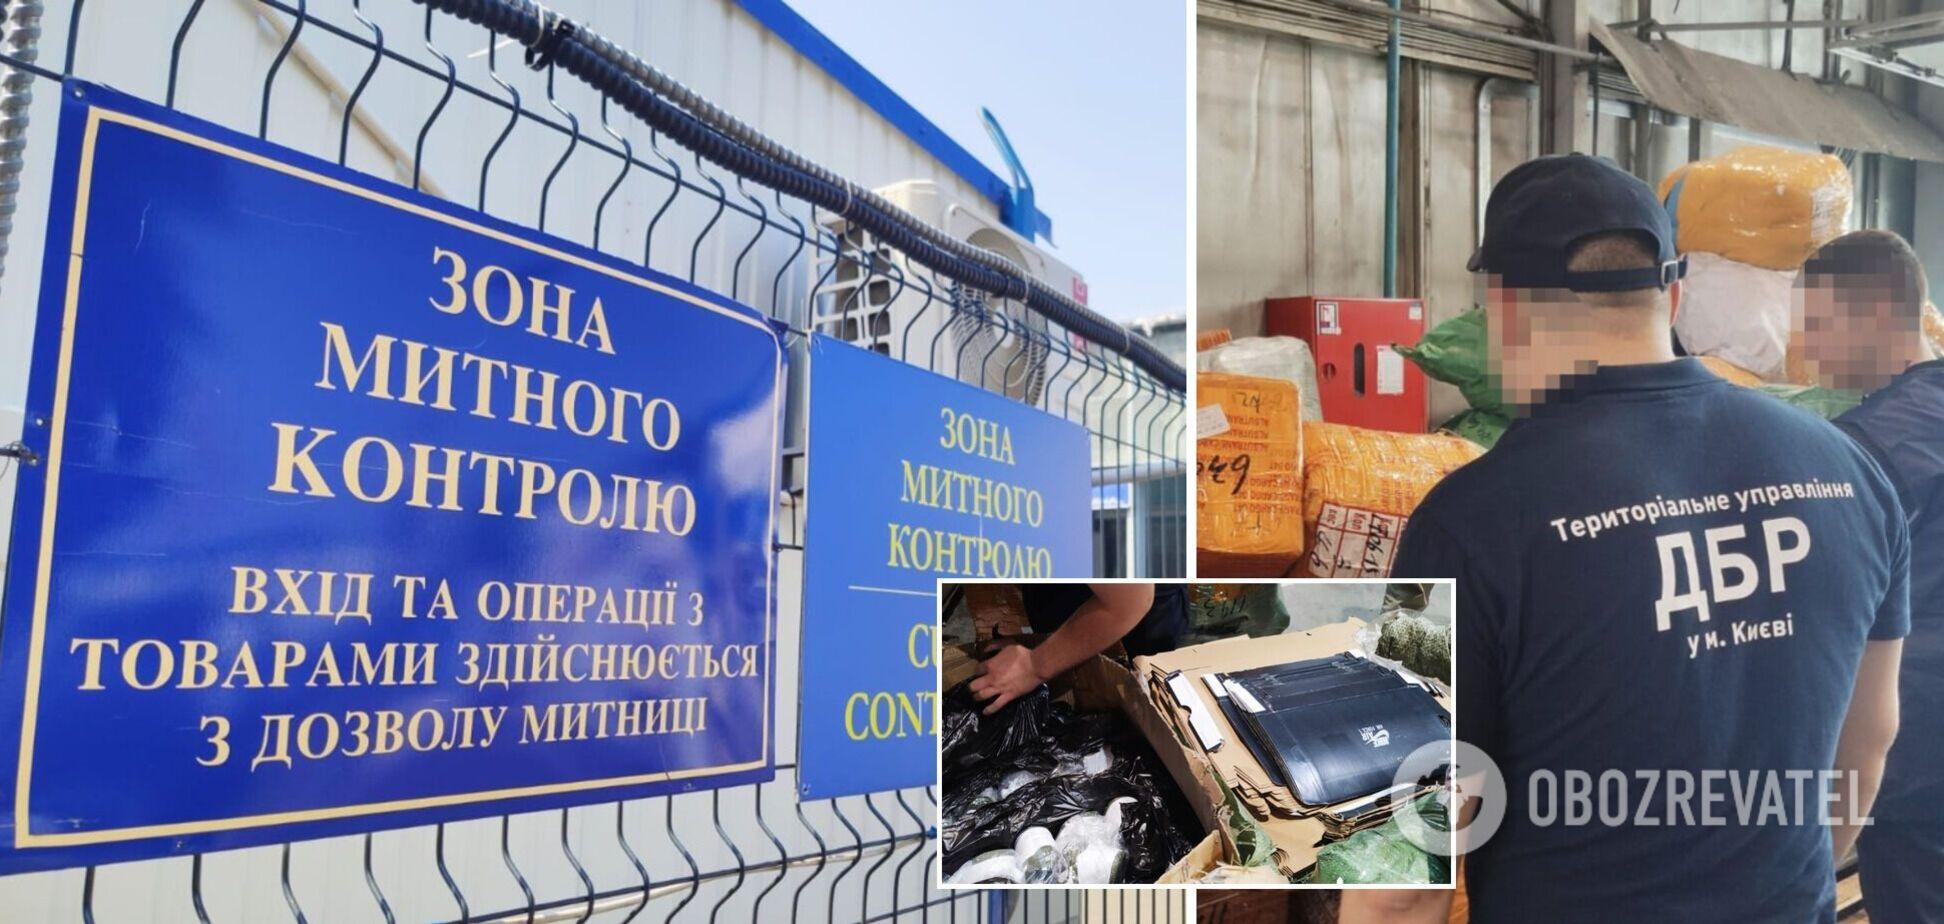 В Украине ликвидировали канал контрабанды товаров на десятки миллионов гривен